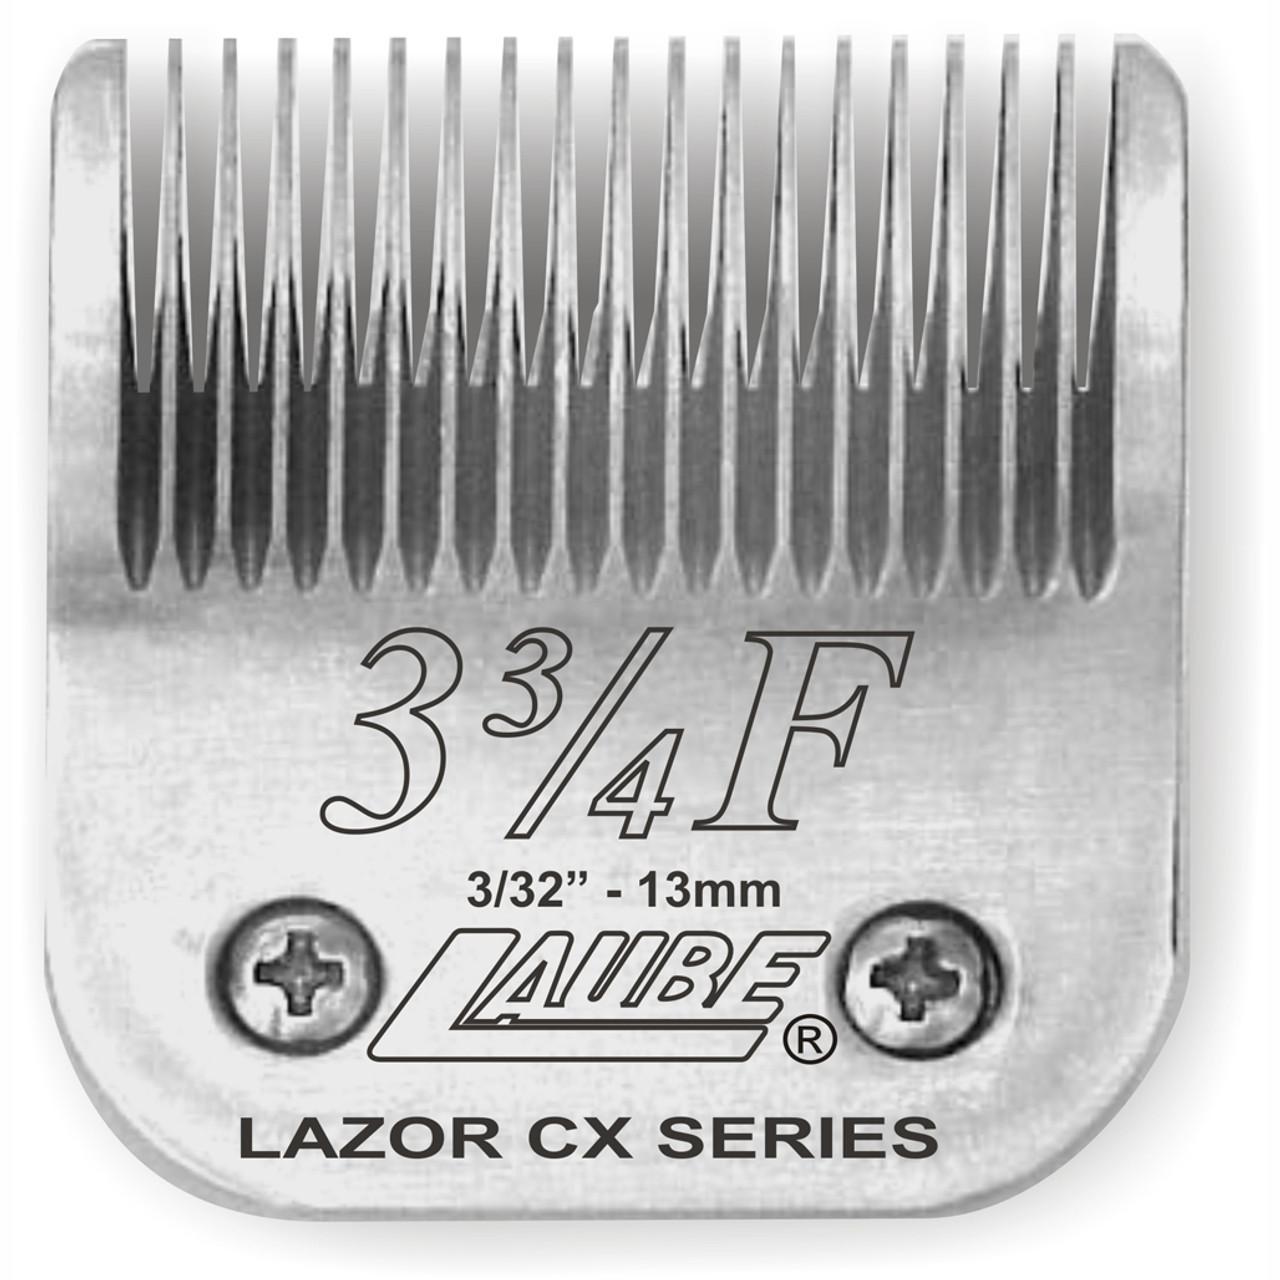 laube cx blade 3 3/4f